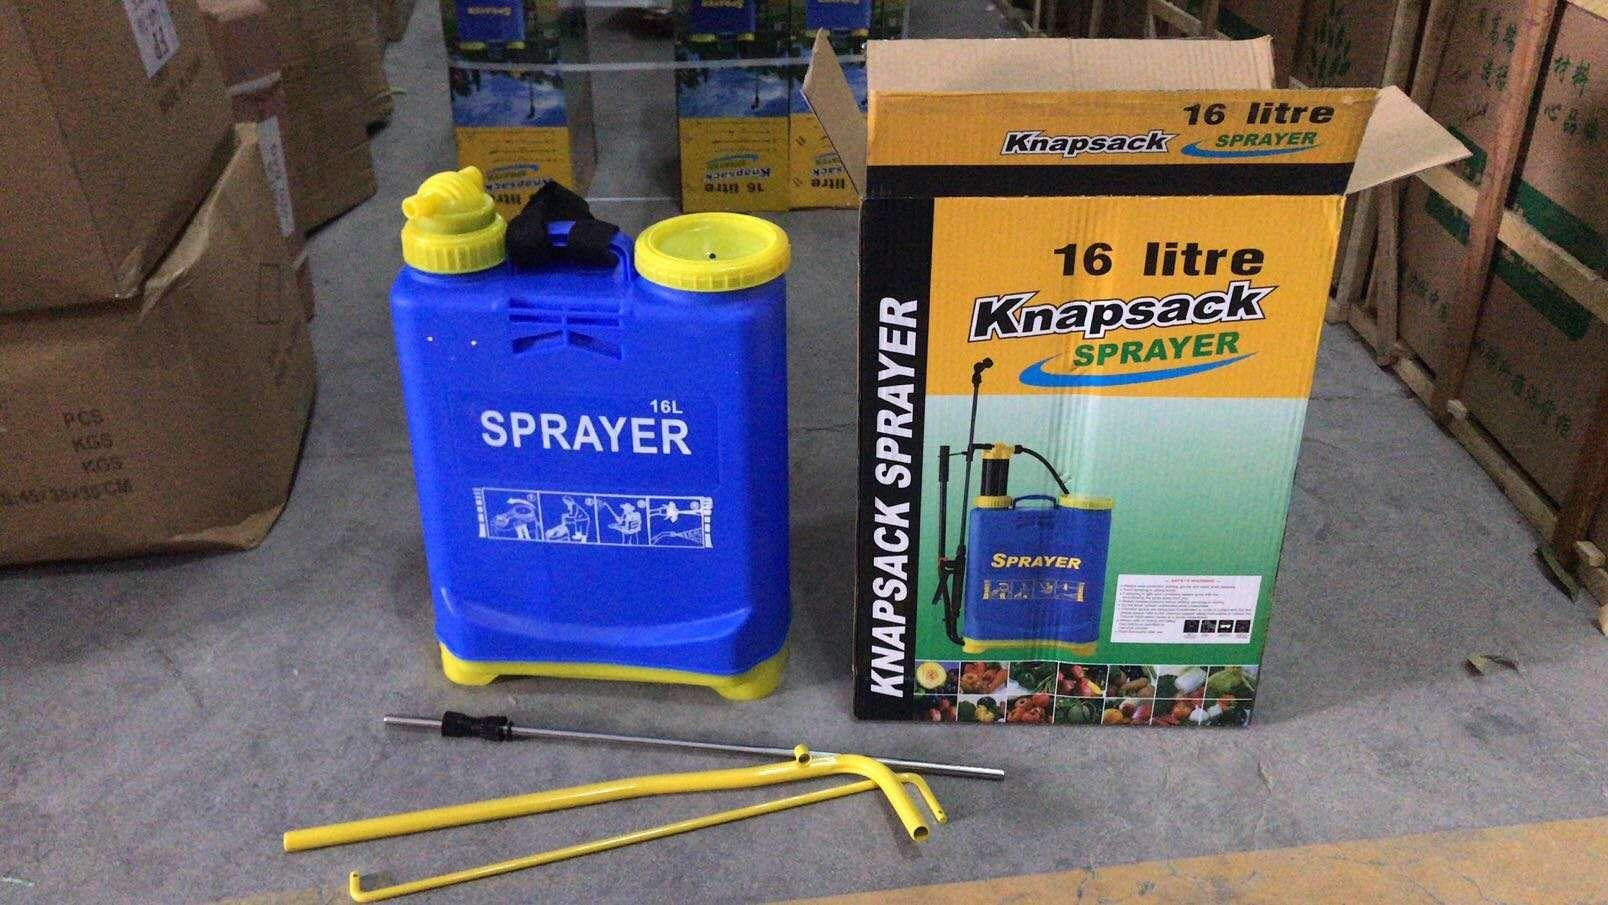 喷雾器打药桶打药机手动高压肩背式喷雾器防疫消毒喷雾器农用浇花喷果树打药桶